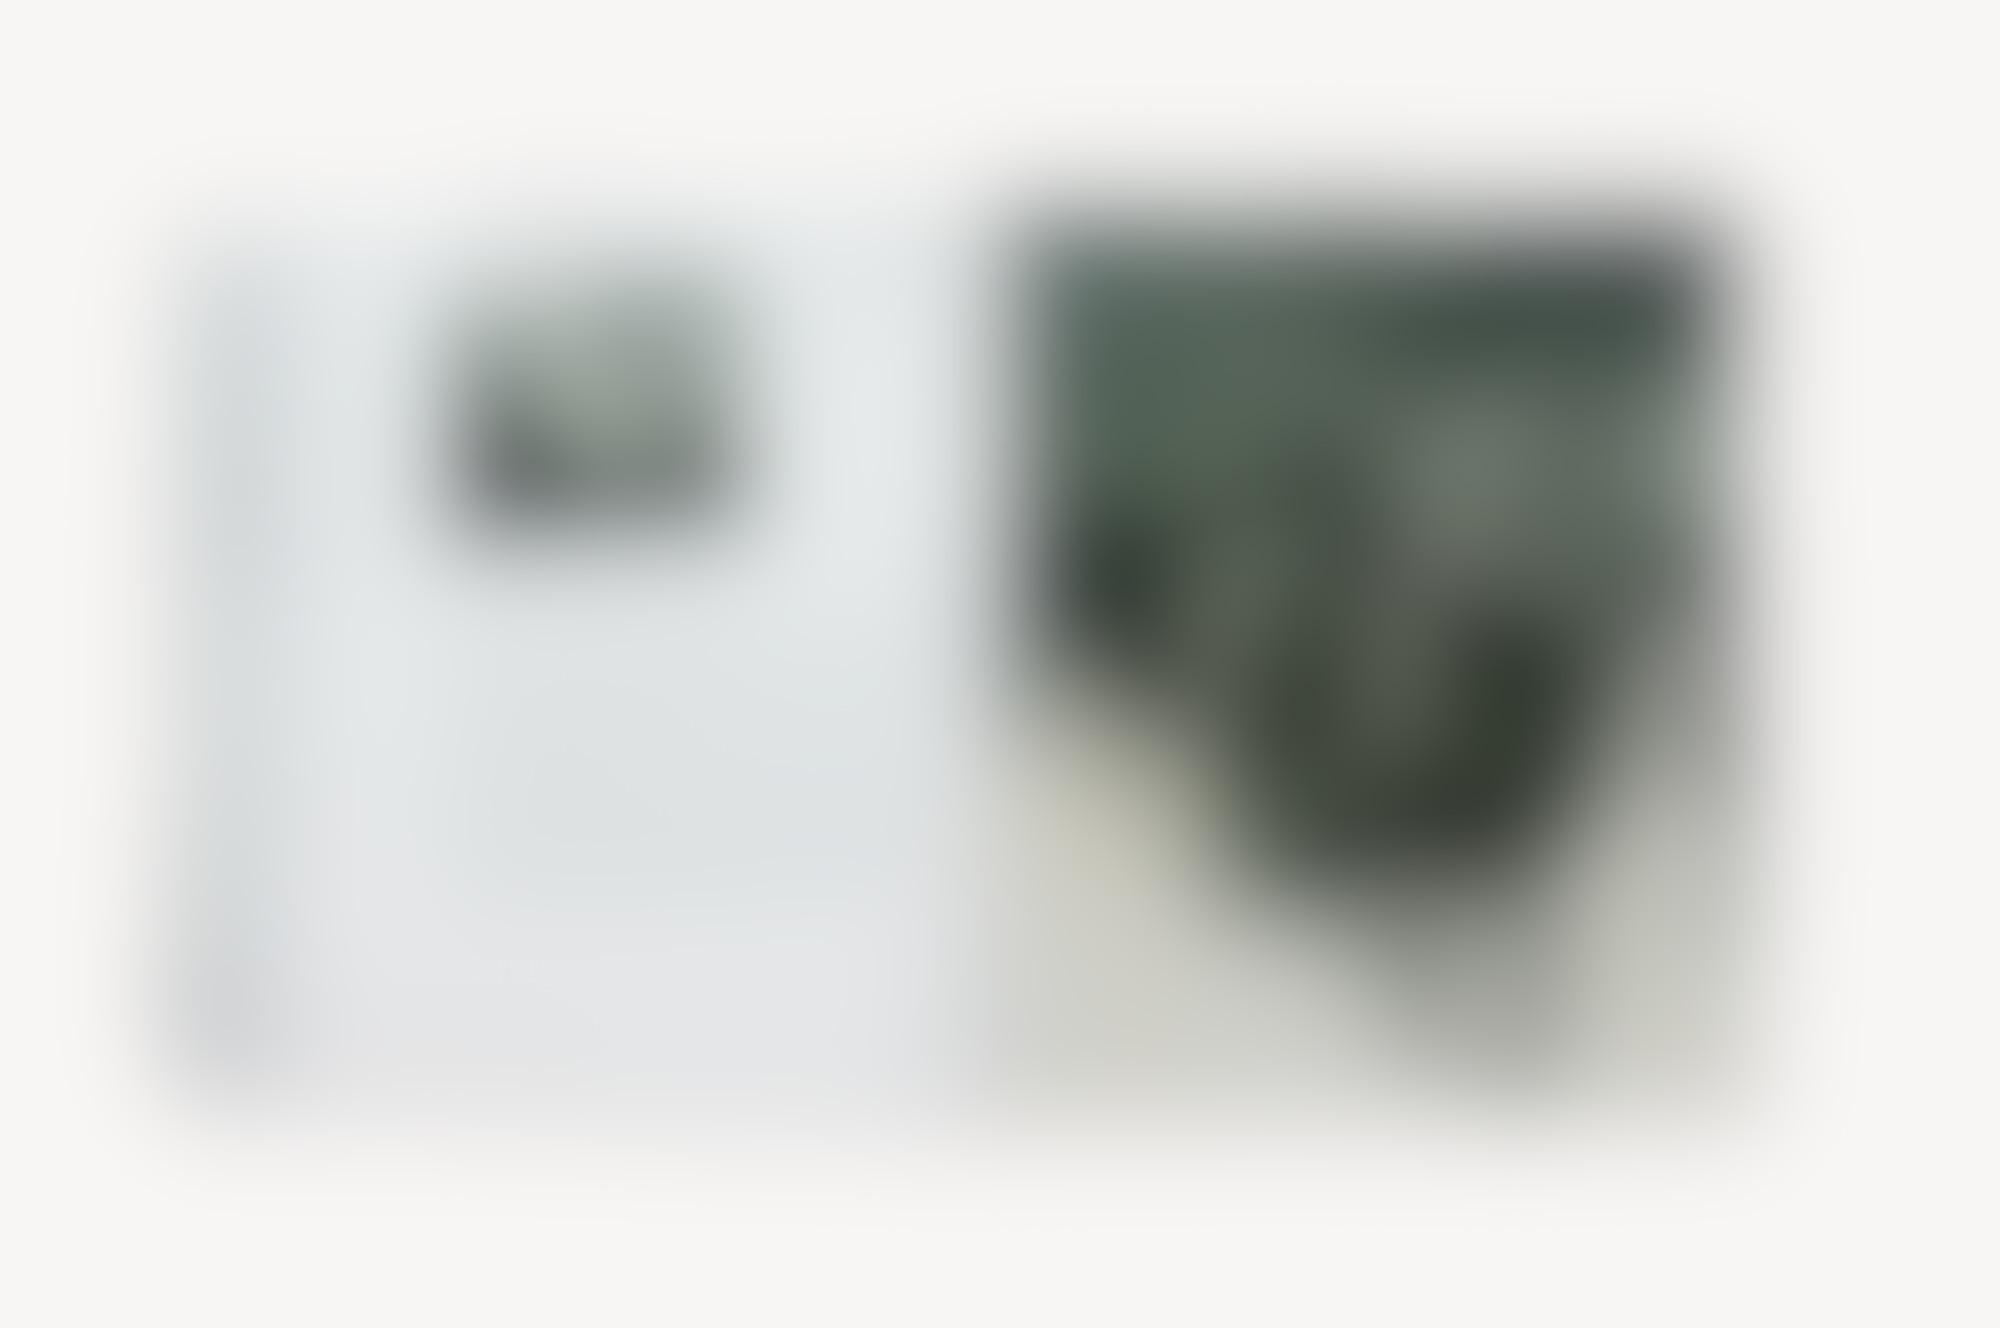 230 cuba 2 autocompressfitresizeixlibphp 1 1 0max h2000max w3 D2000q80s848ad80559b89cecd868970d156d259a